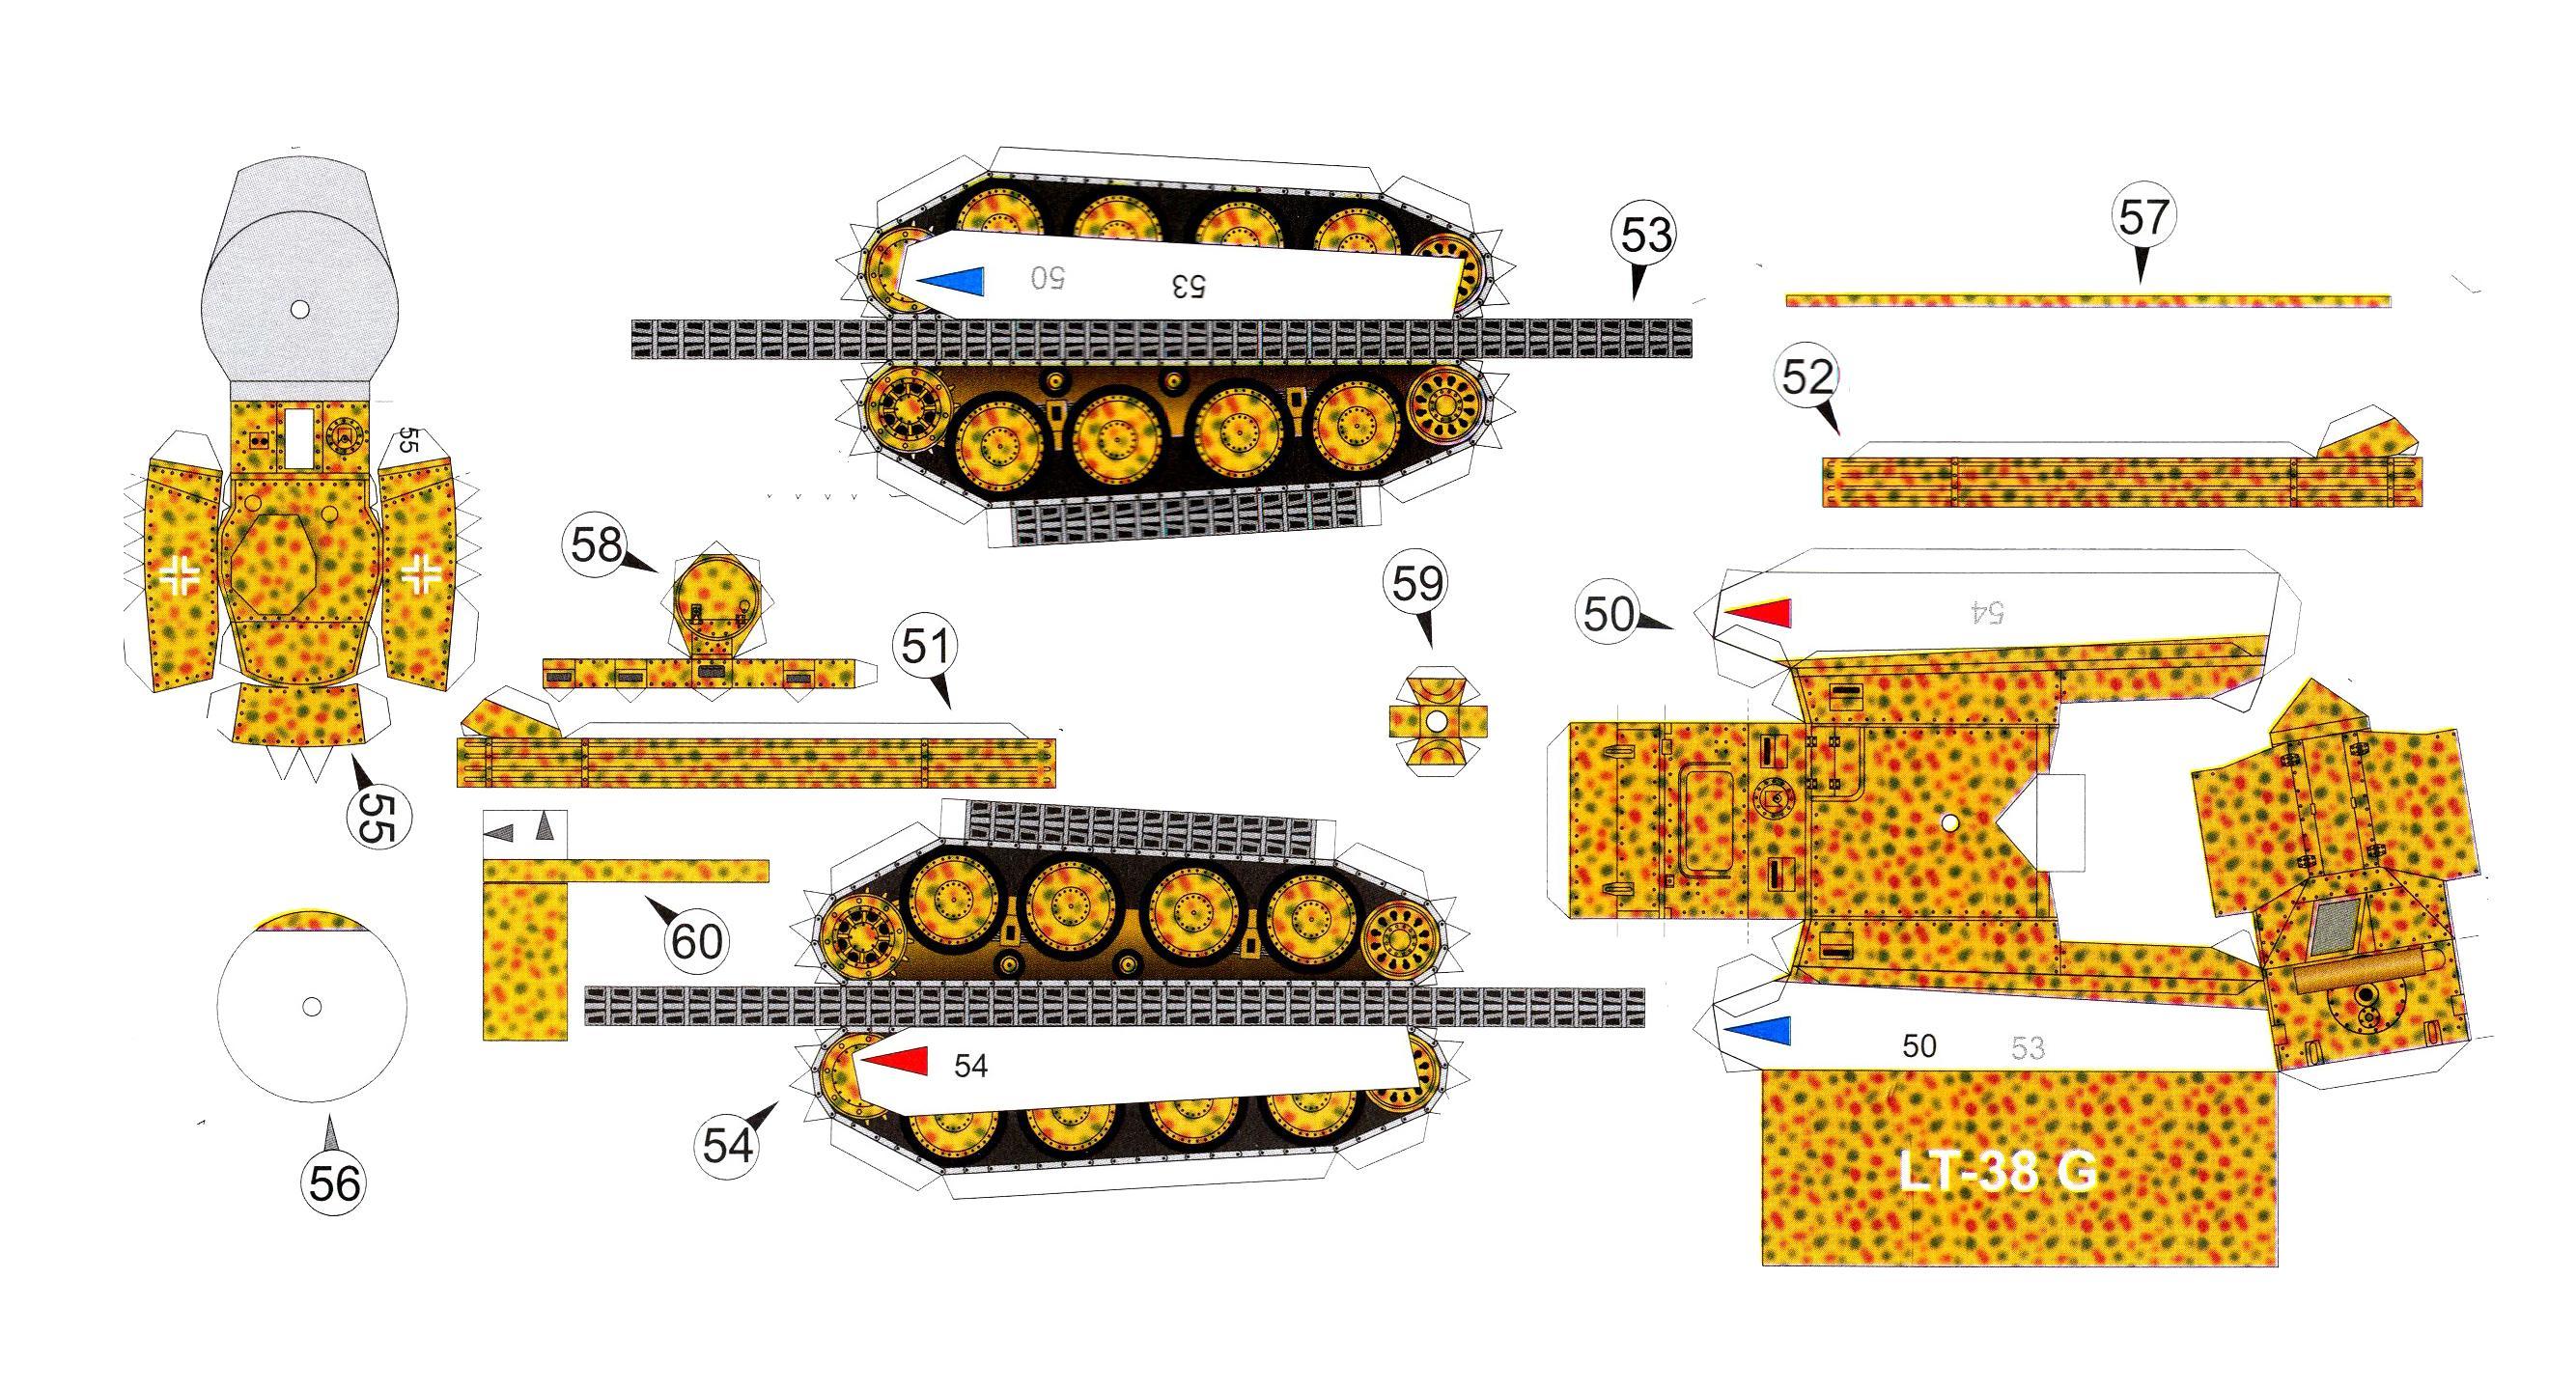 Собранные модели танков из бумаги